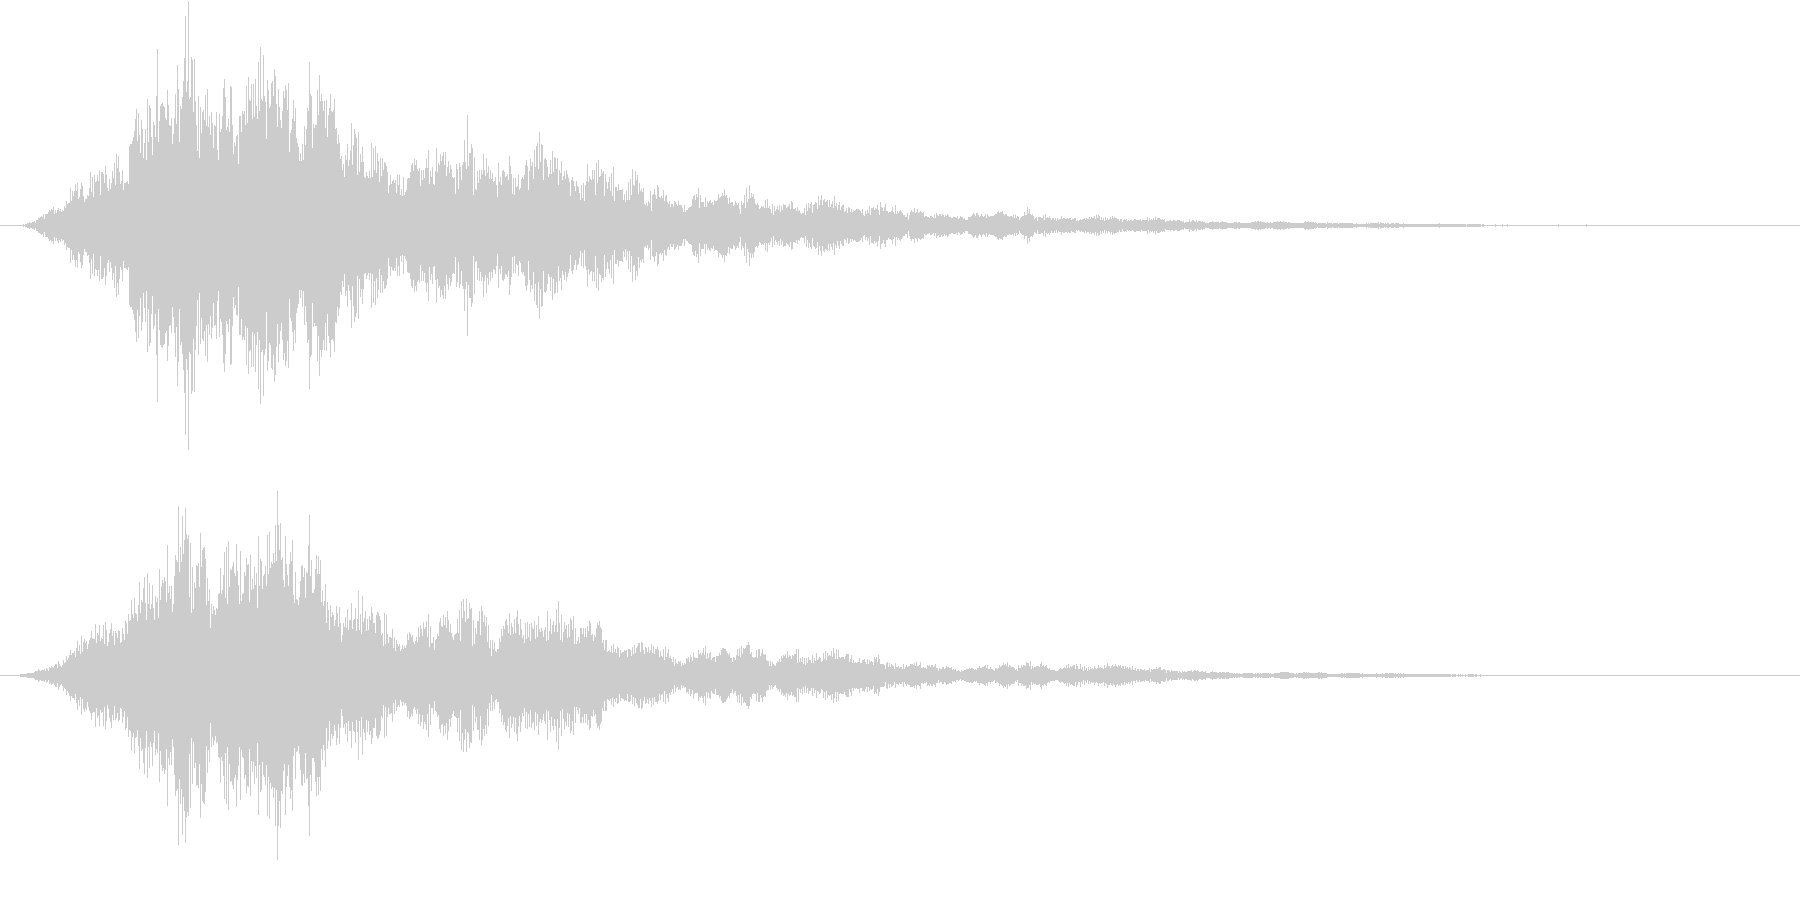 ファーン キラキラ セーブポイントの未再生の波形